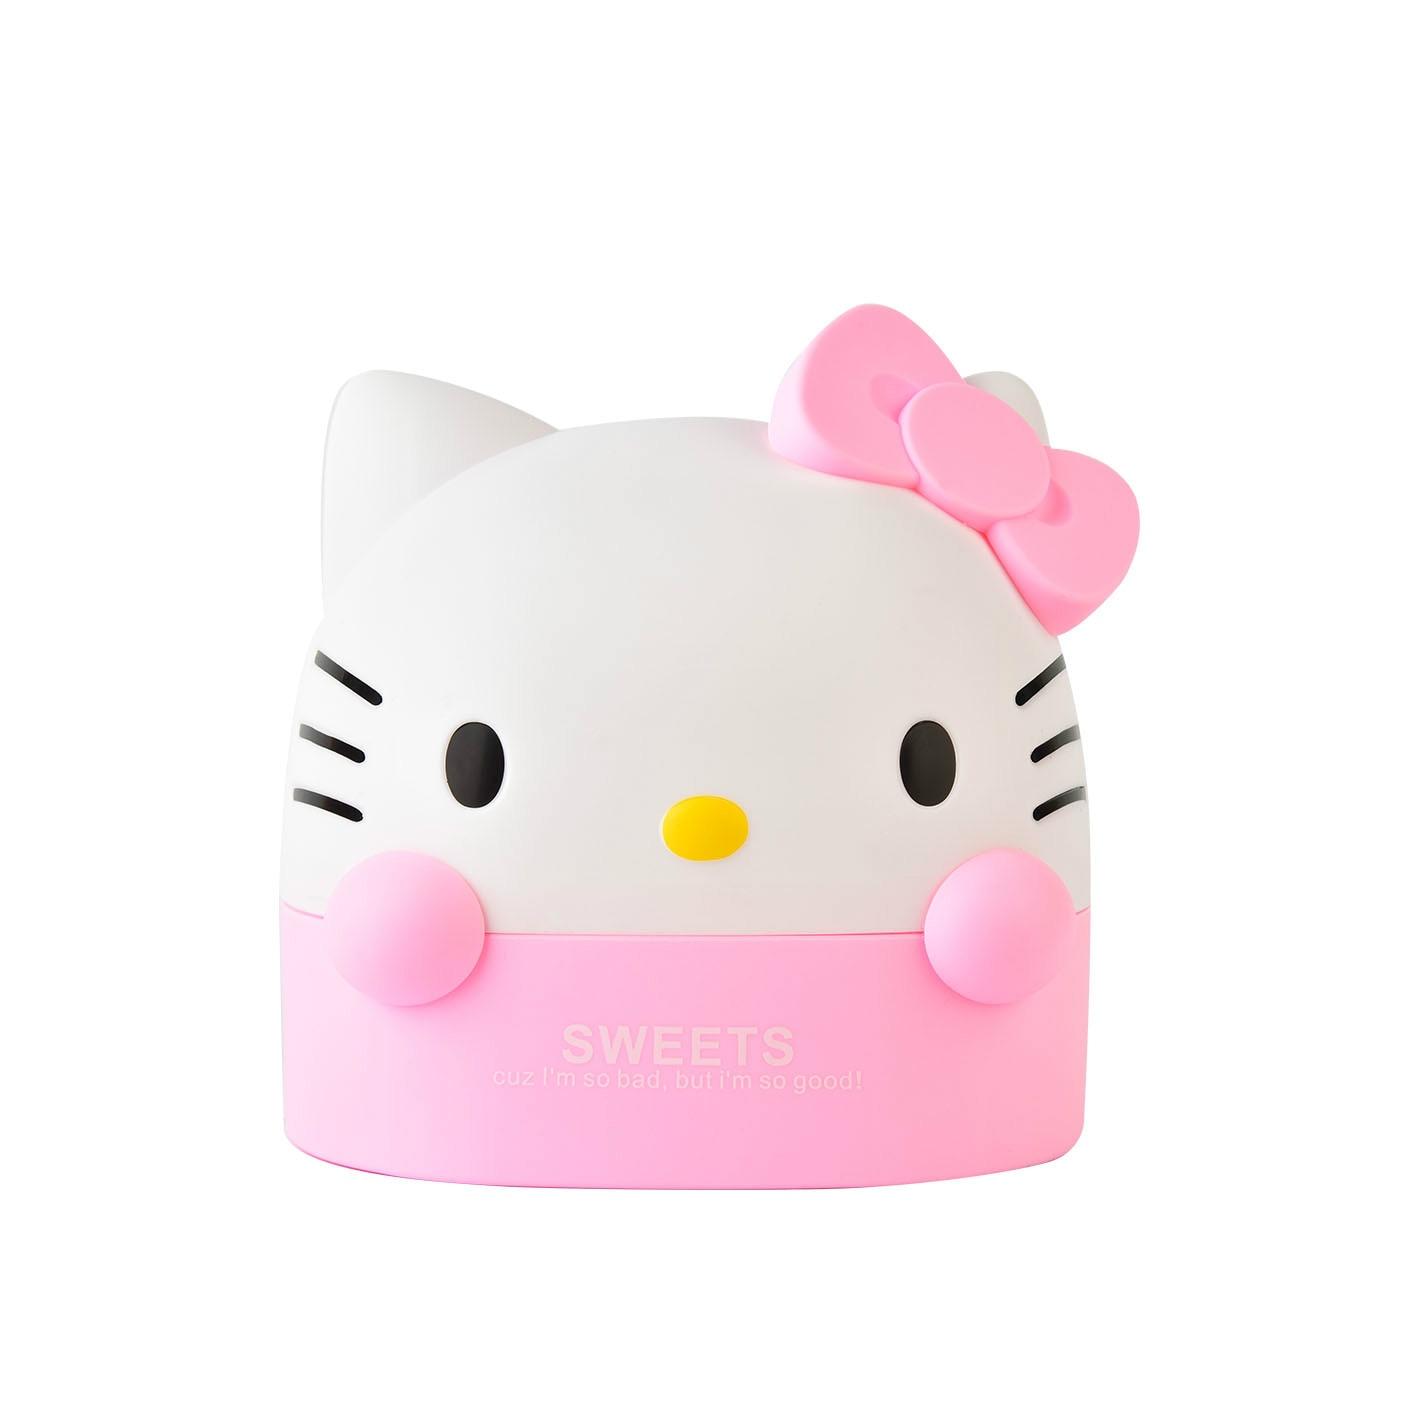 Nette Box Hallo Kitty Tissue Box Tissue Kanister - Home Storage und Organisation - Foto 4